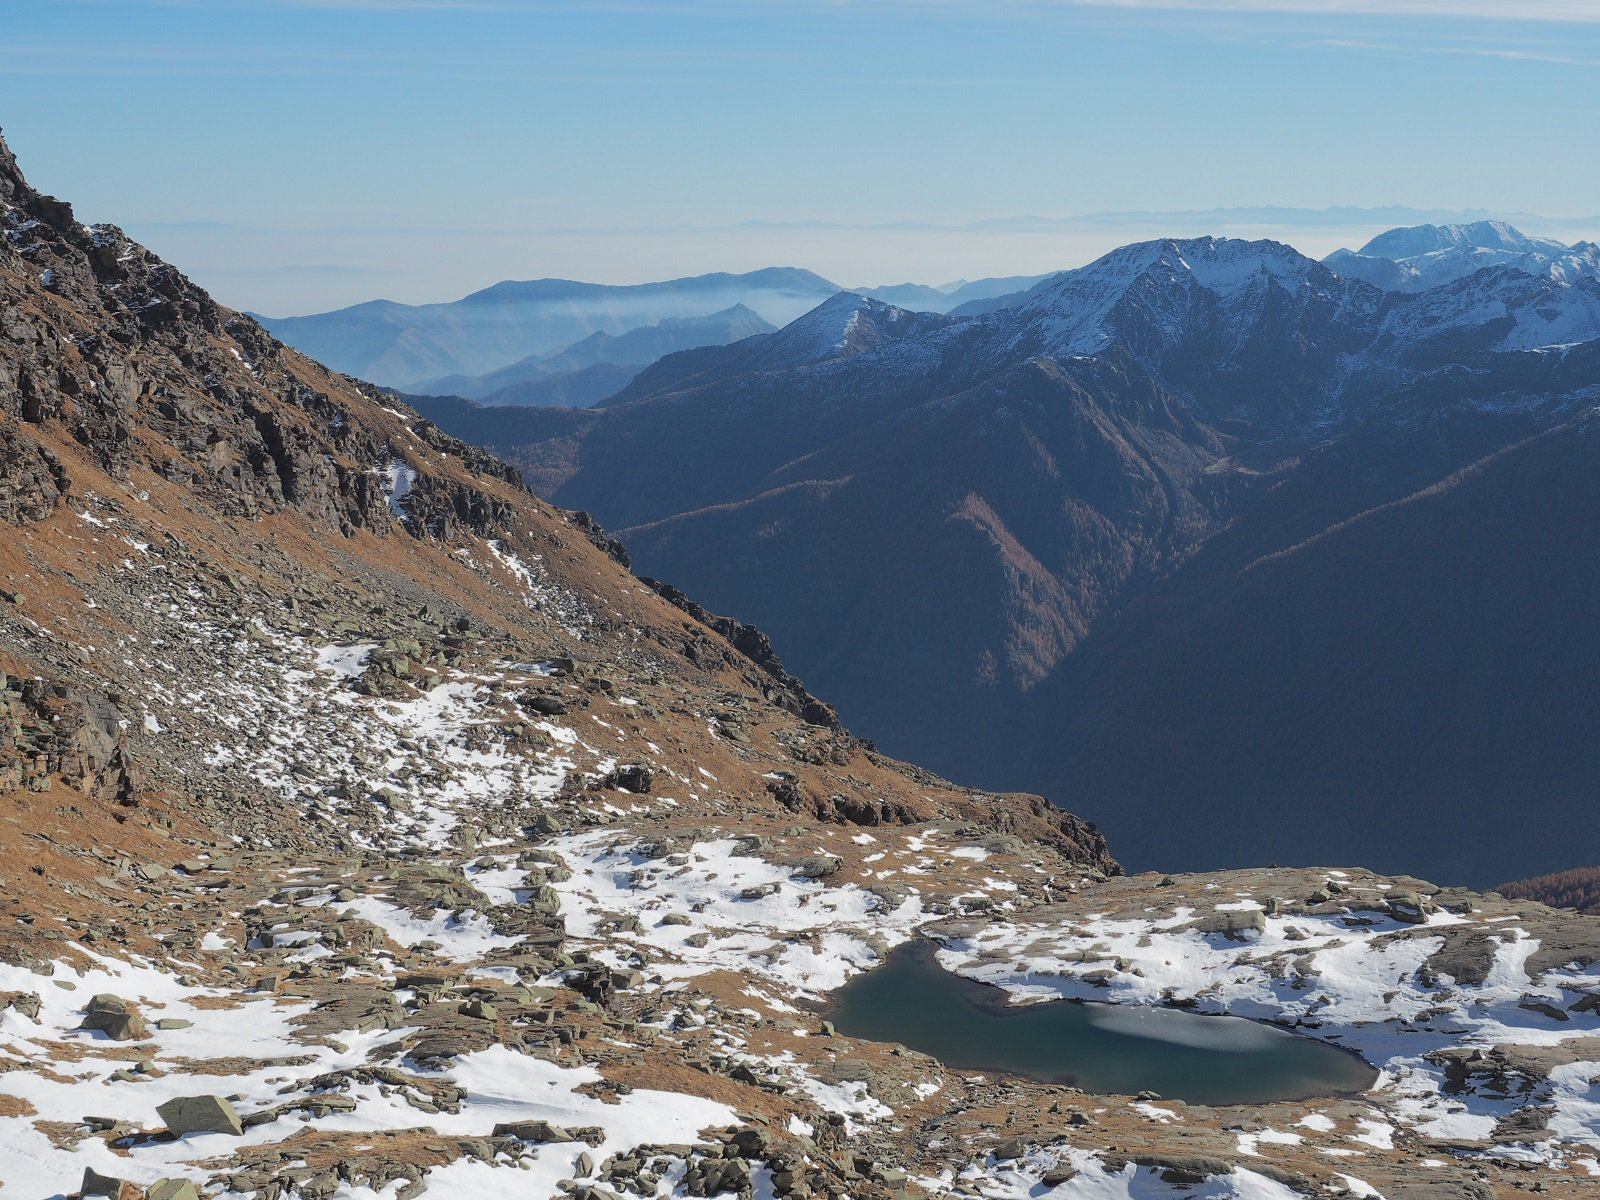 Il lago Vercellina dal colle della Crocetta.